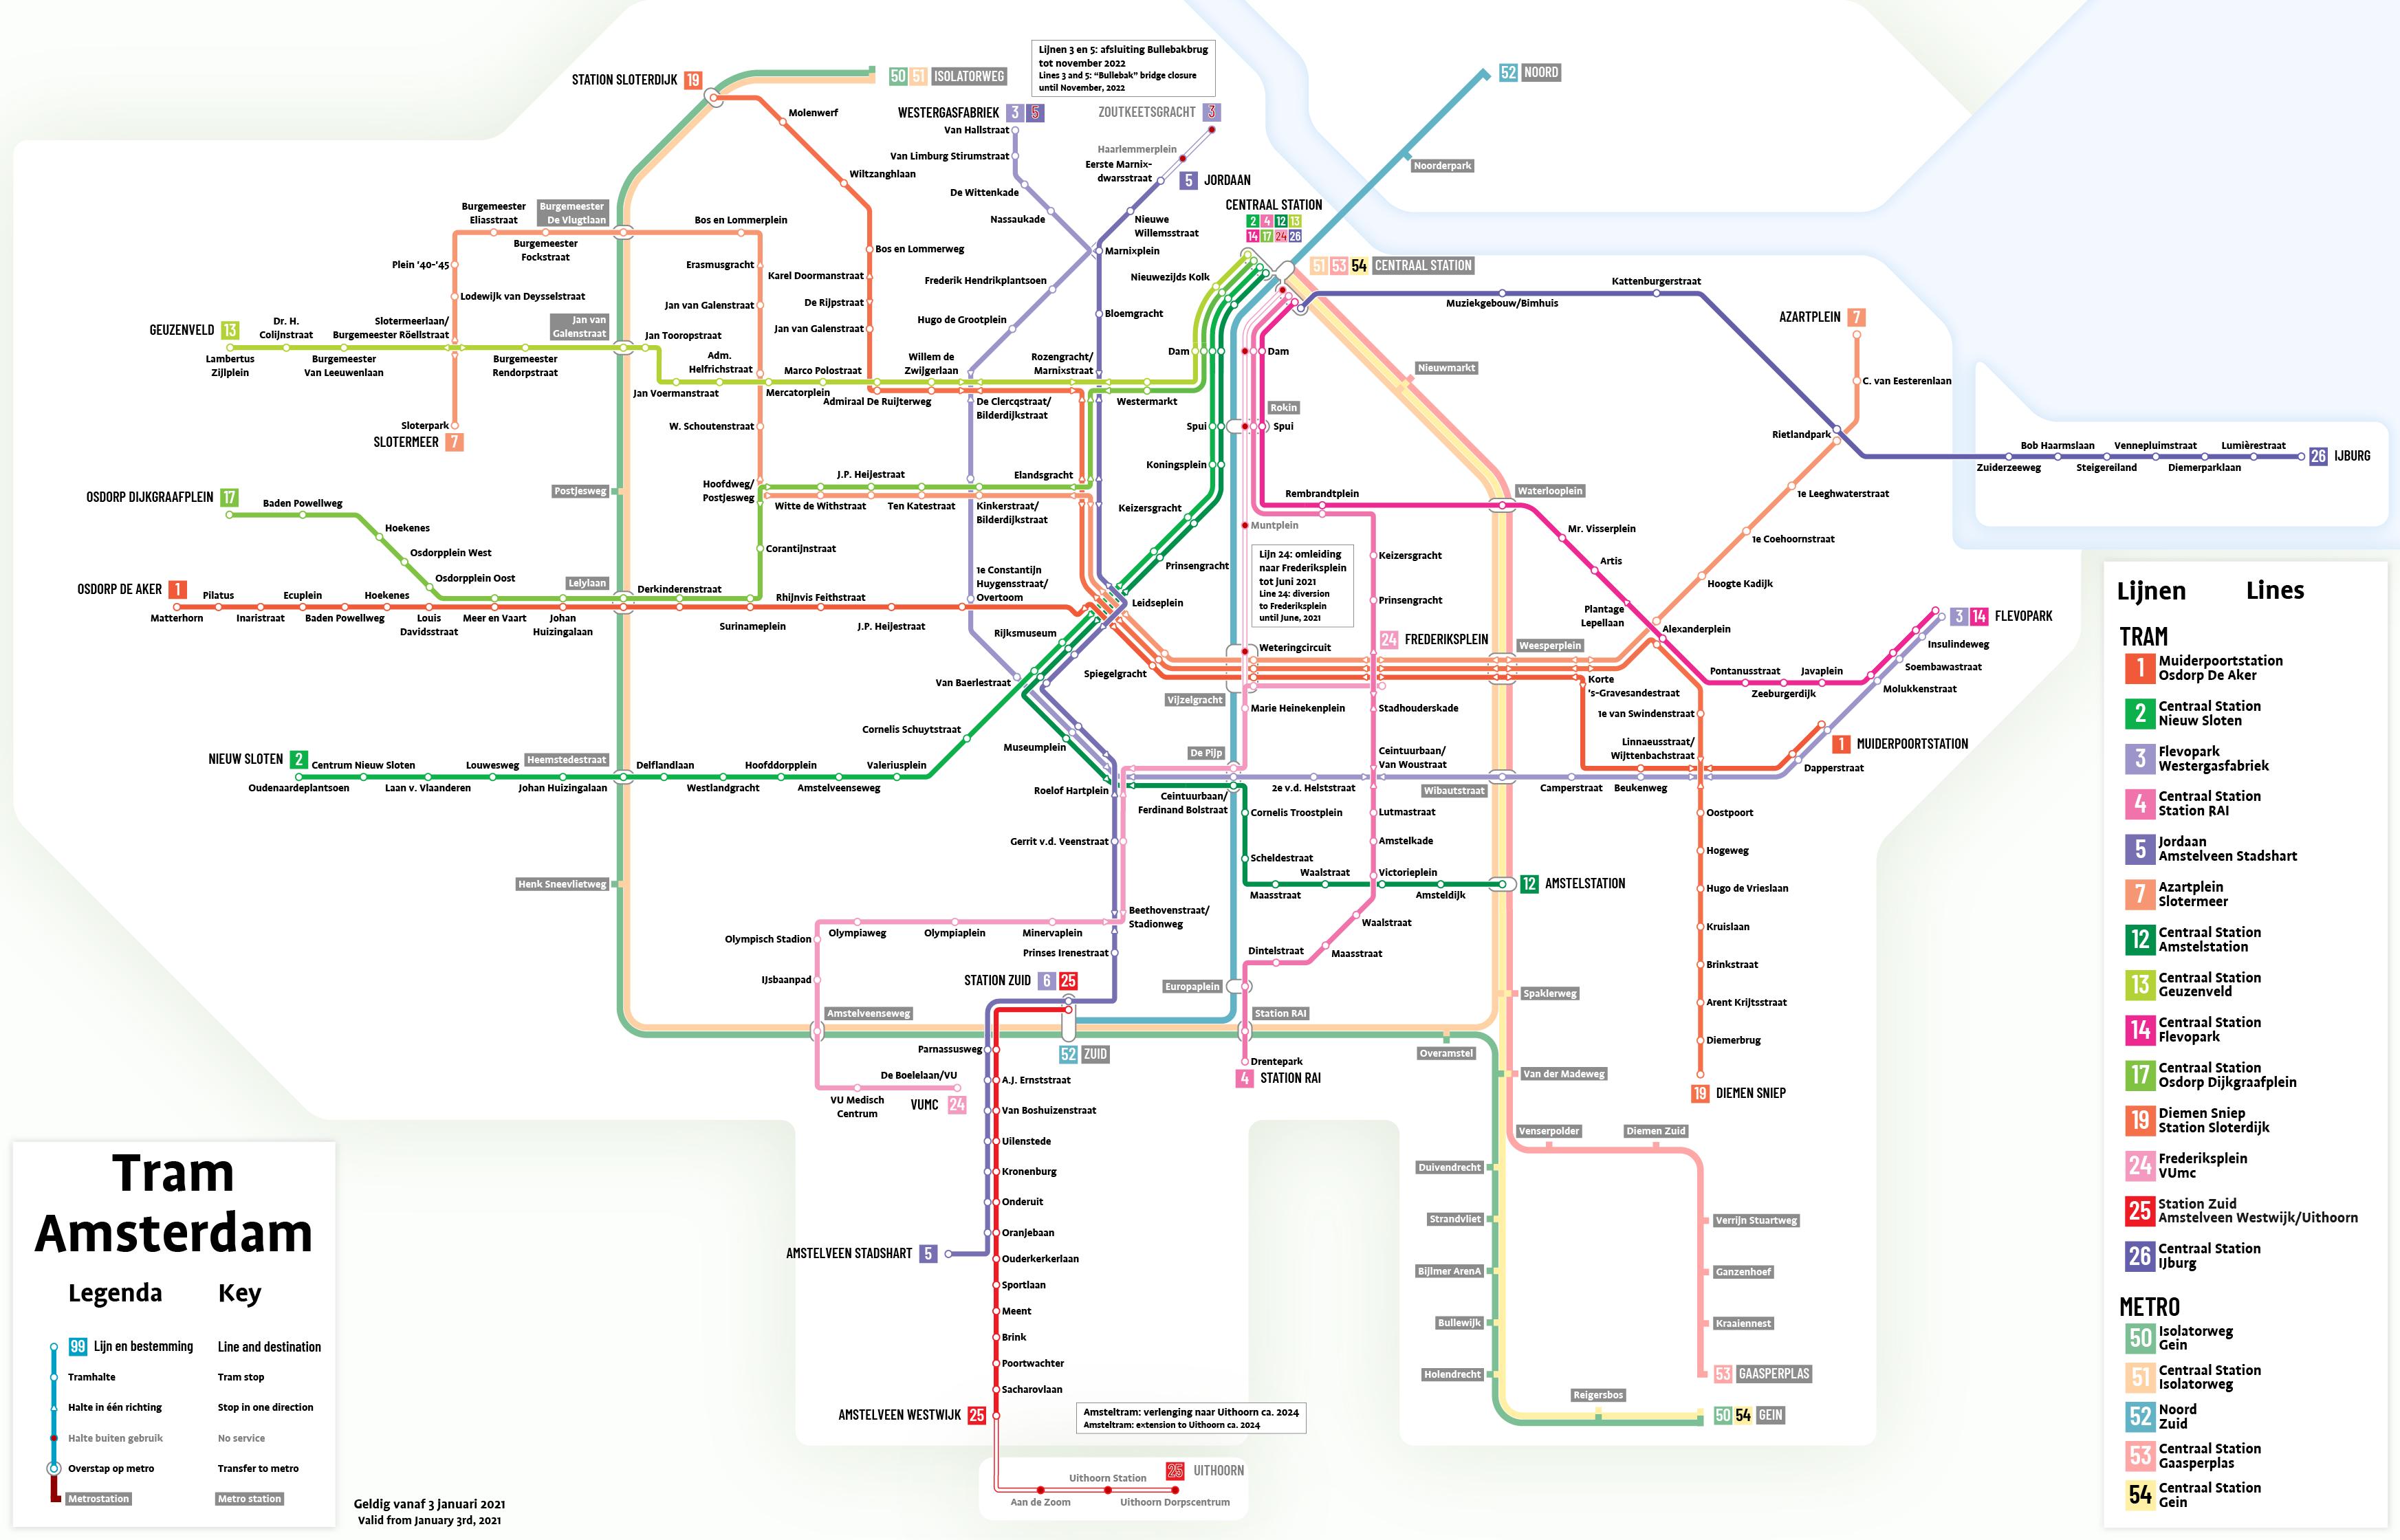 Схема сети трамвая Амстердама.  2010.